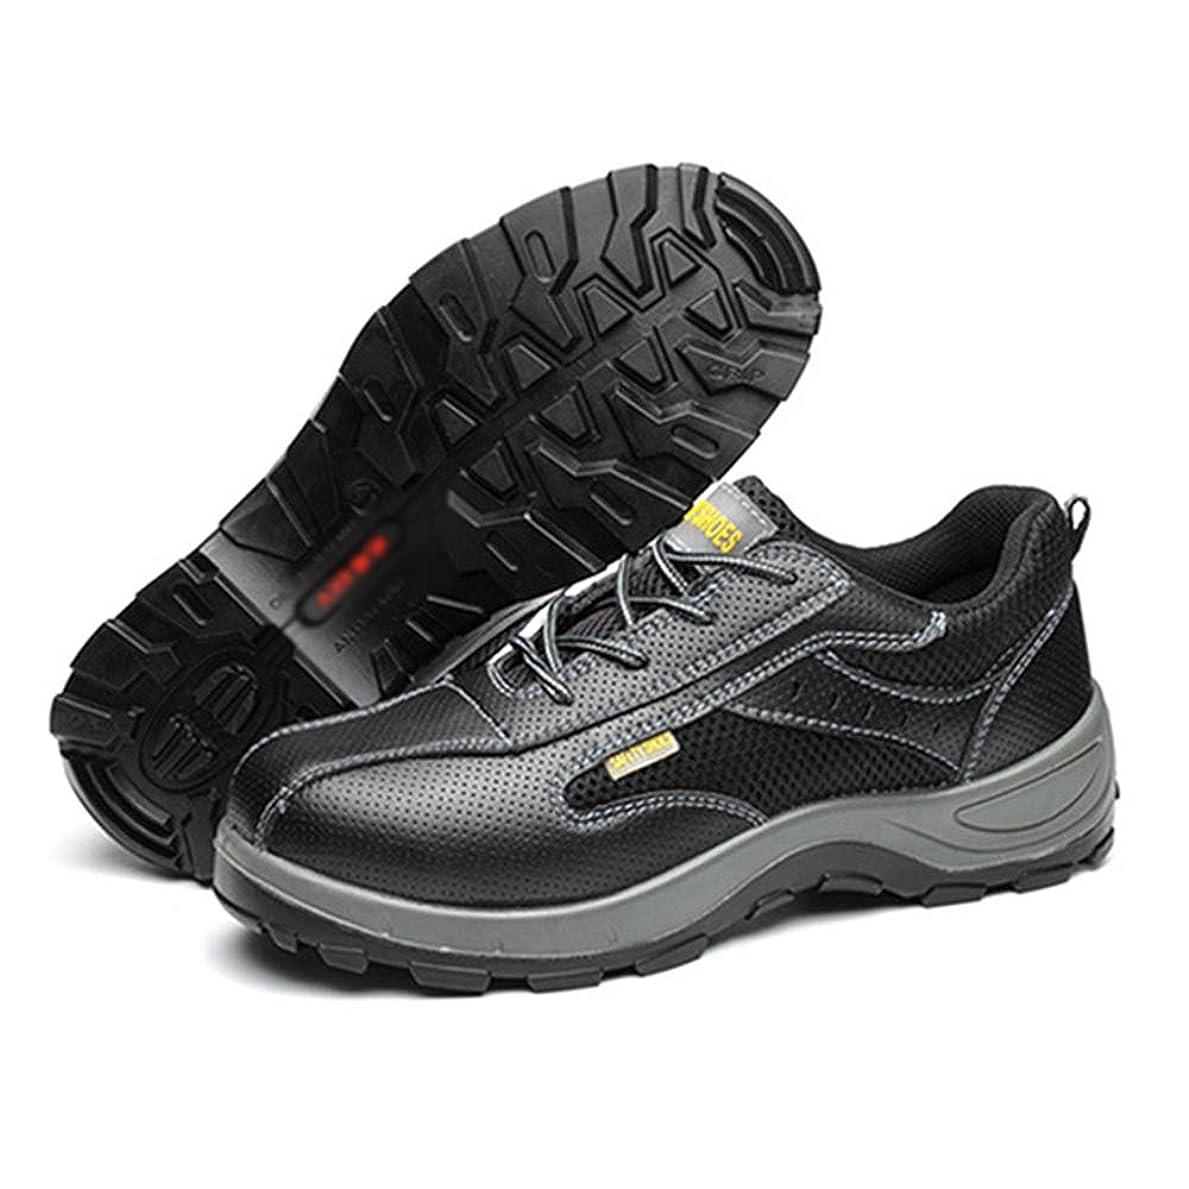 概要見せますレベルメンズ 安全靴 作業靴 ショートブーツ 短靴 ブラック レースアップ ミドルカット レザー スエード つまさき保護 鋼製先芯 踏み抜き防止 刺す叩く防止 耐滑 耐油 現場 鋼製ミッドソール 耐磨耗 衝撃吸収